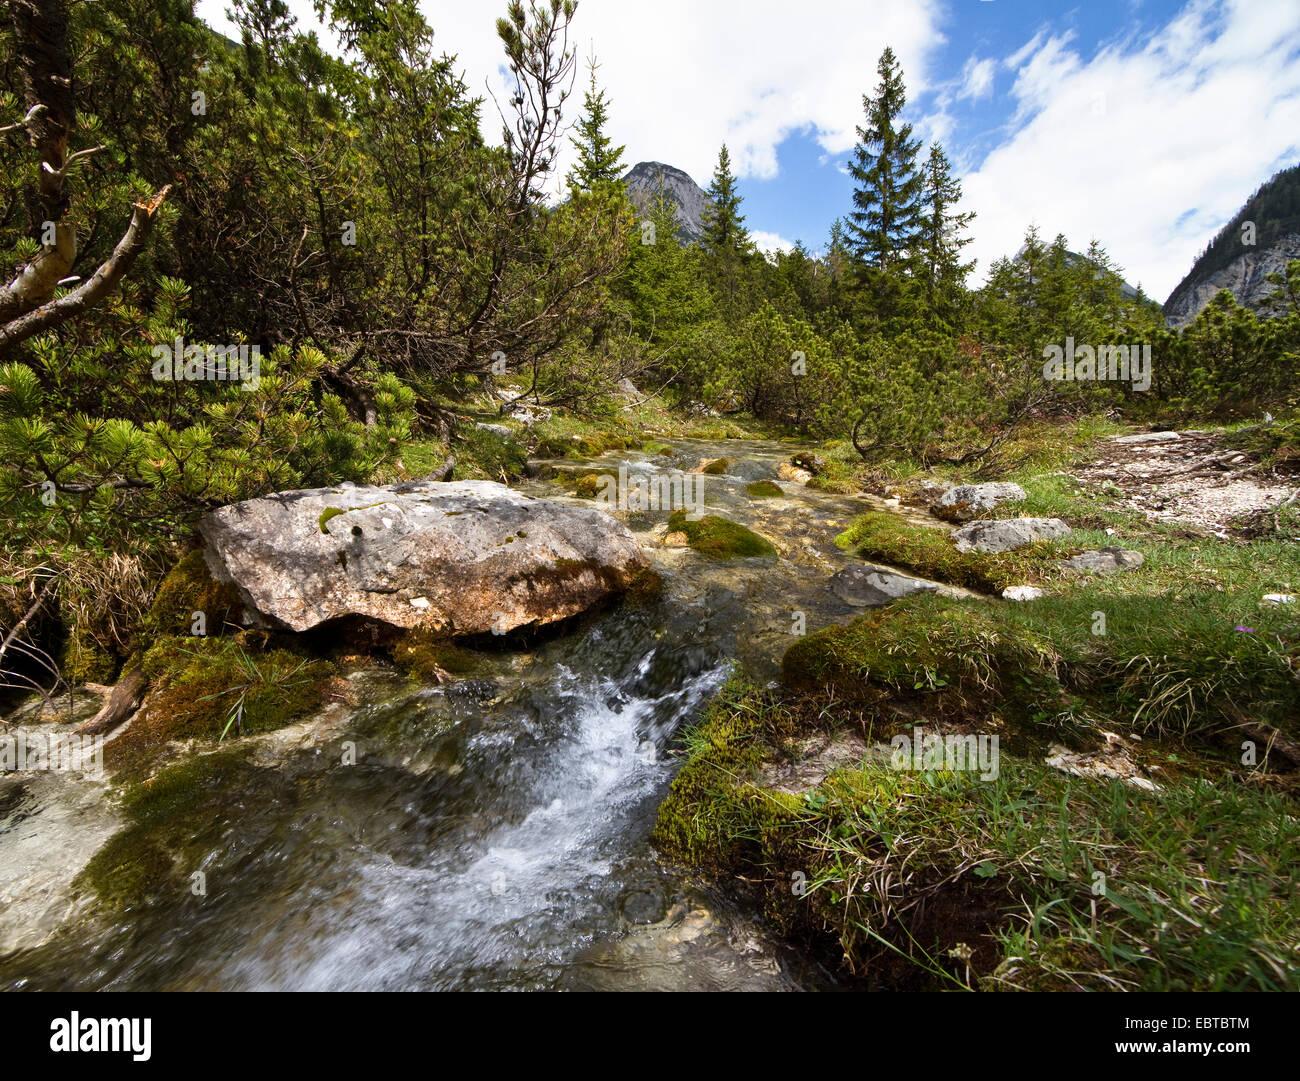 origin of Isar river, Austria, Tyrol, Karwendel Mountains, Hinterautal - Stock Image